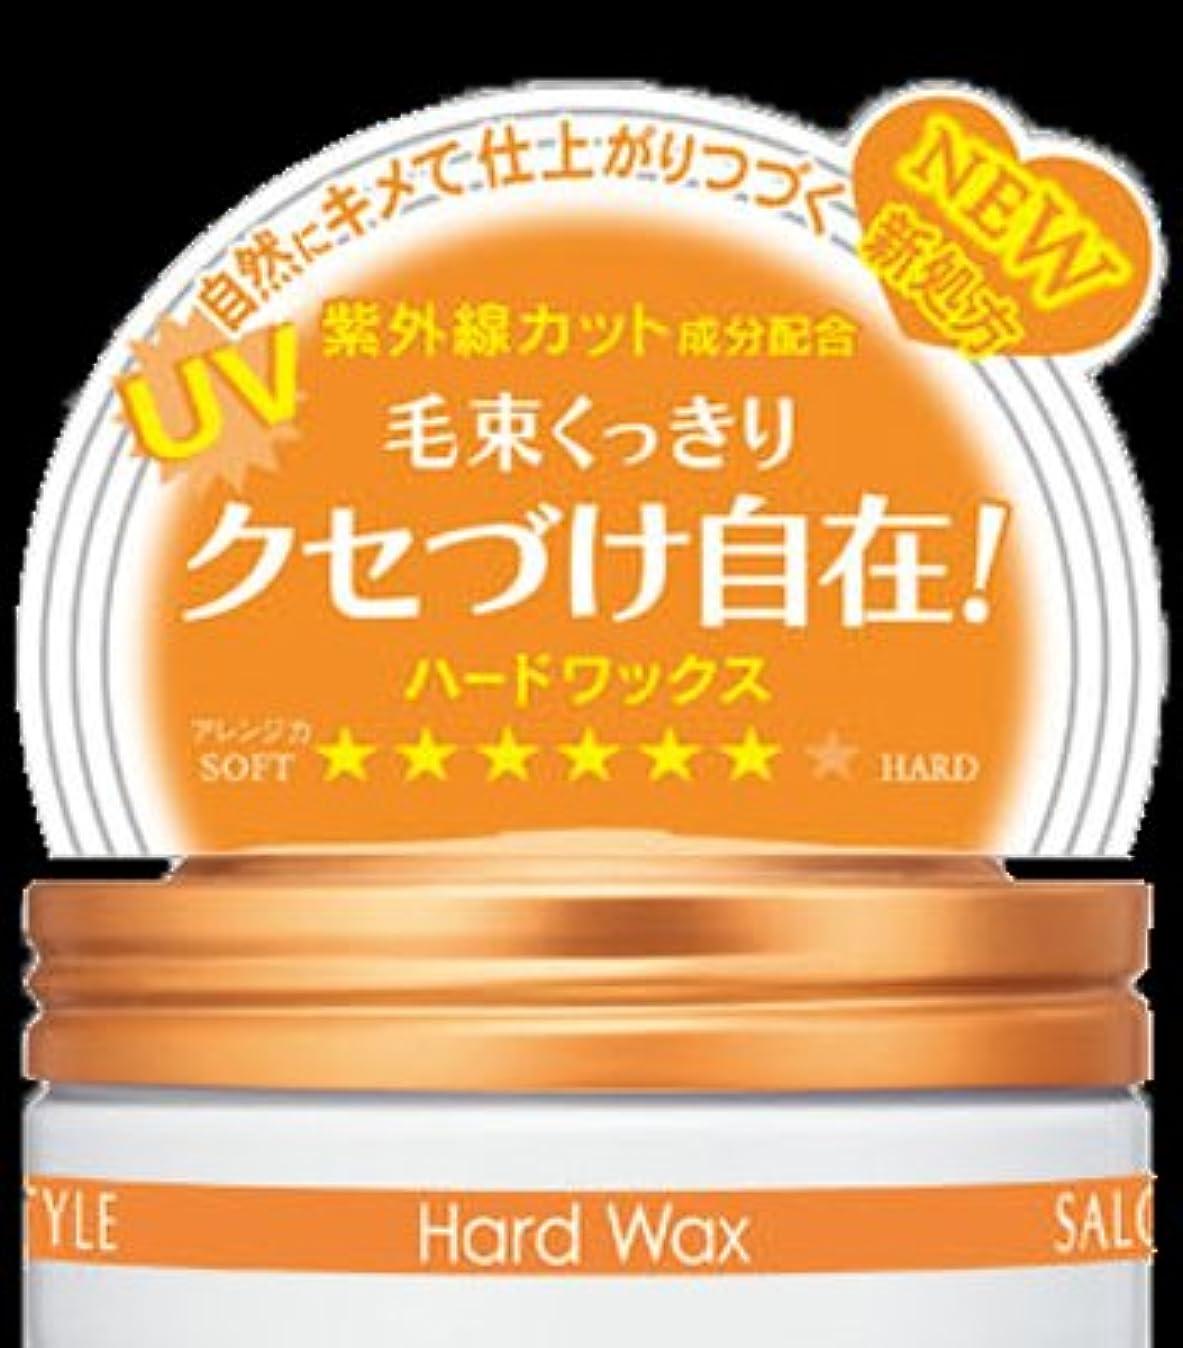 お茶究極の節約コーセー サロンスタイル ヘアワックスC ハード 75g さわやかなフルーティフローラルの香り×48点セット (4971710313574)